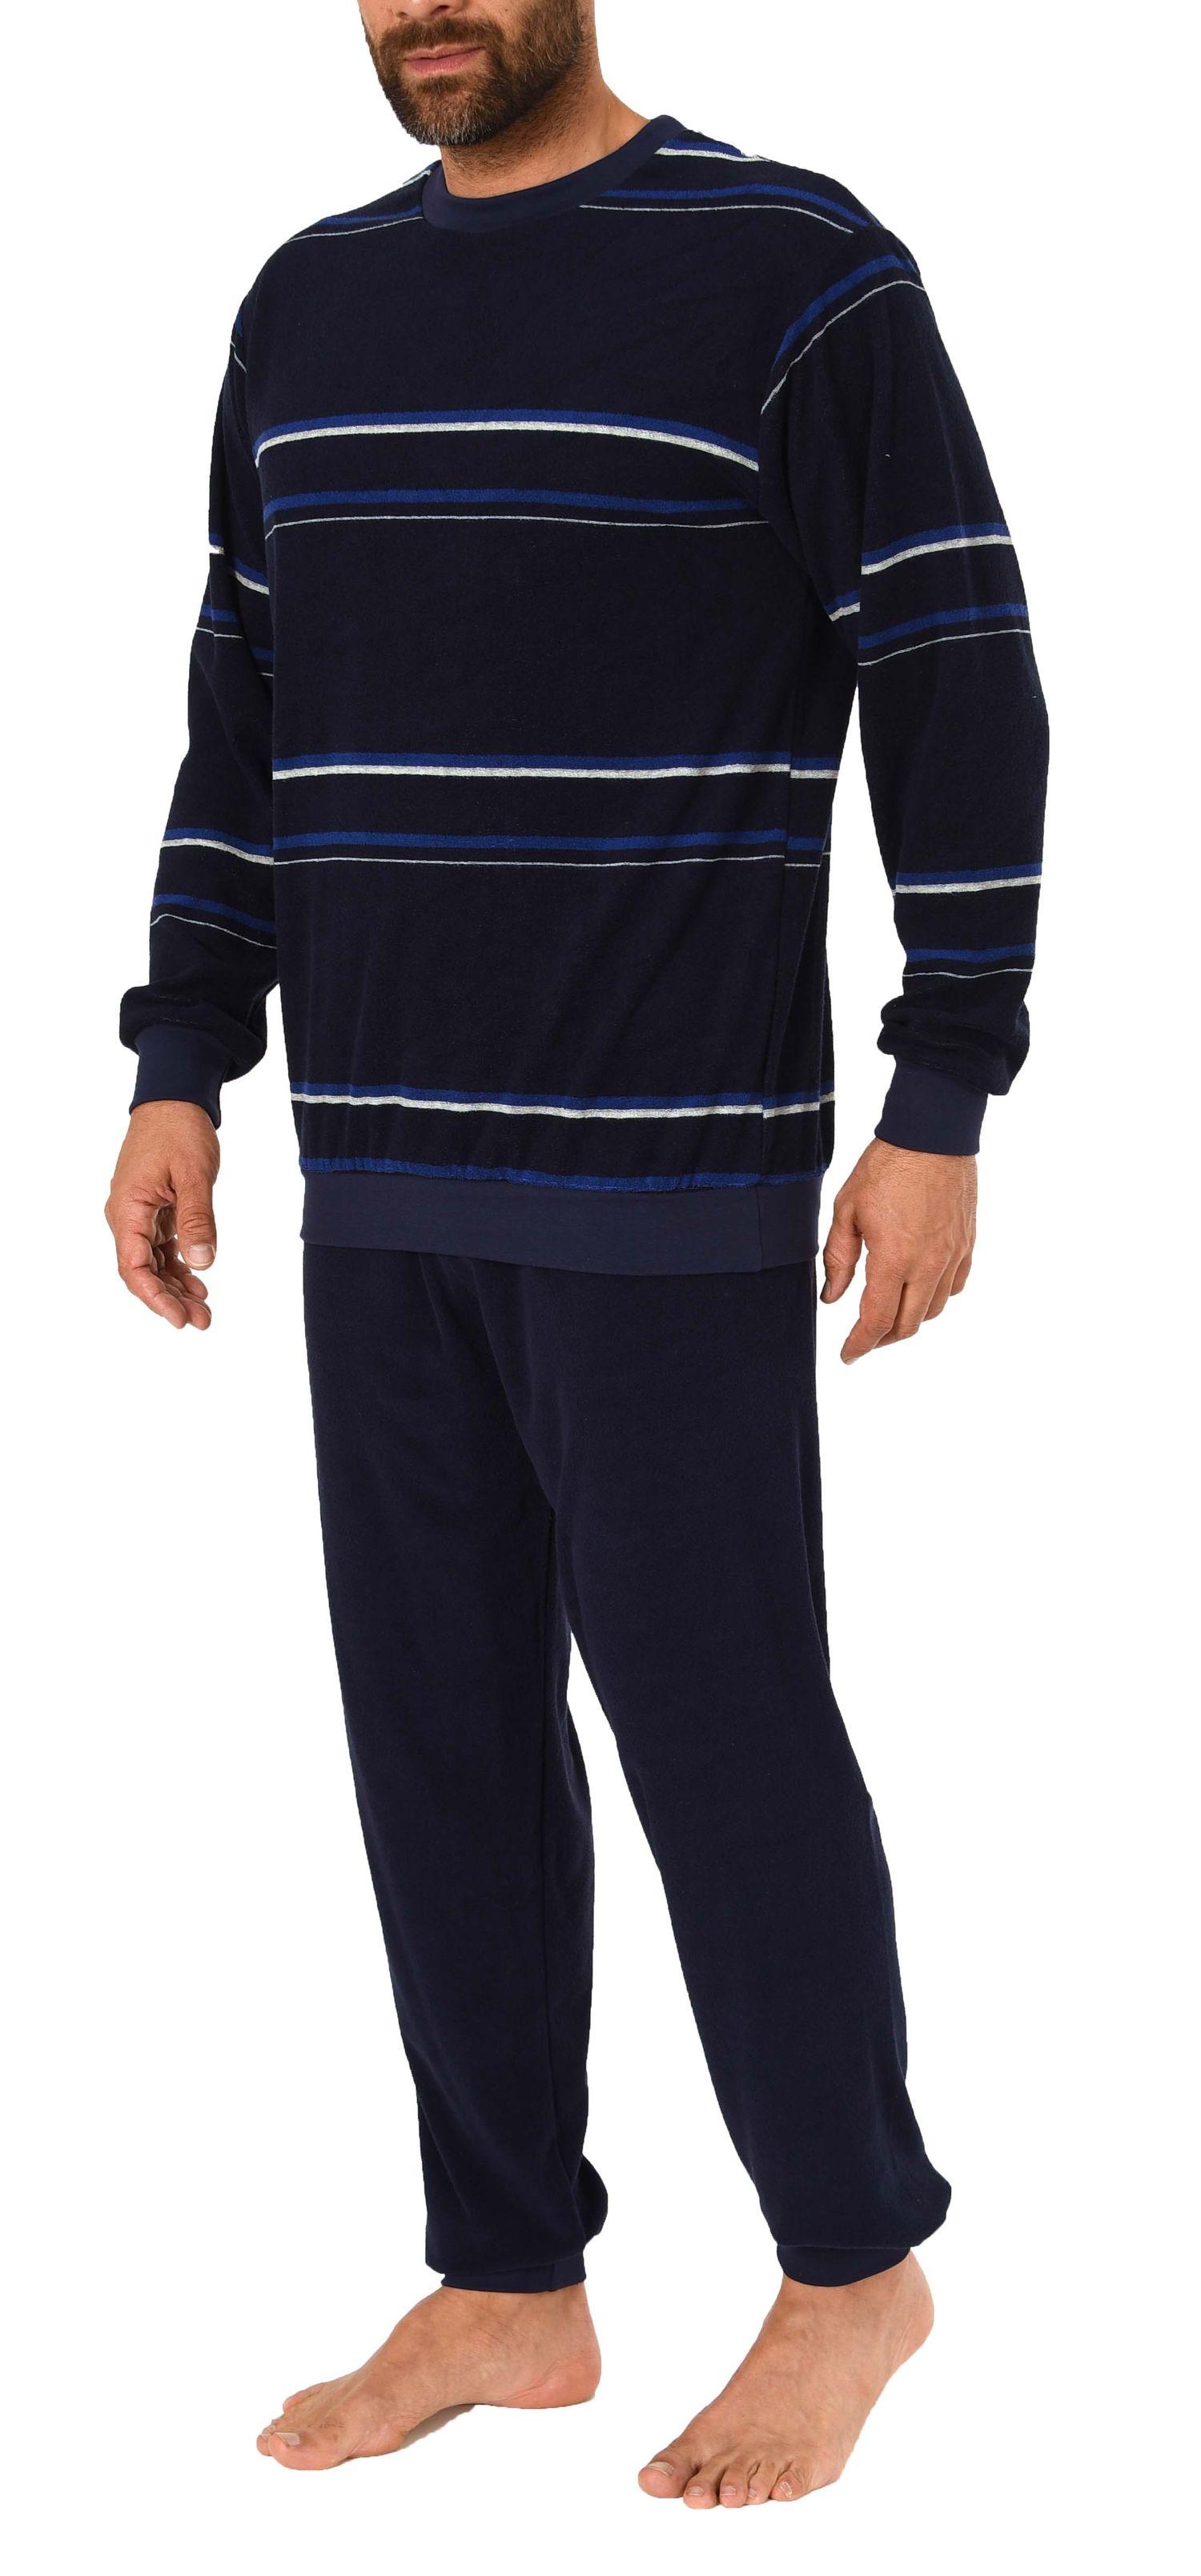 Eleganter Herren Frottee Pyjama Schlafanzug mit Bündchen, auch in Übergrößen - 281 101 93 708